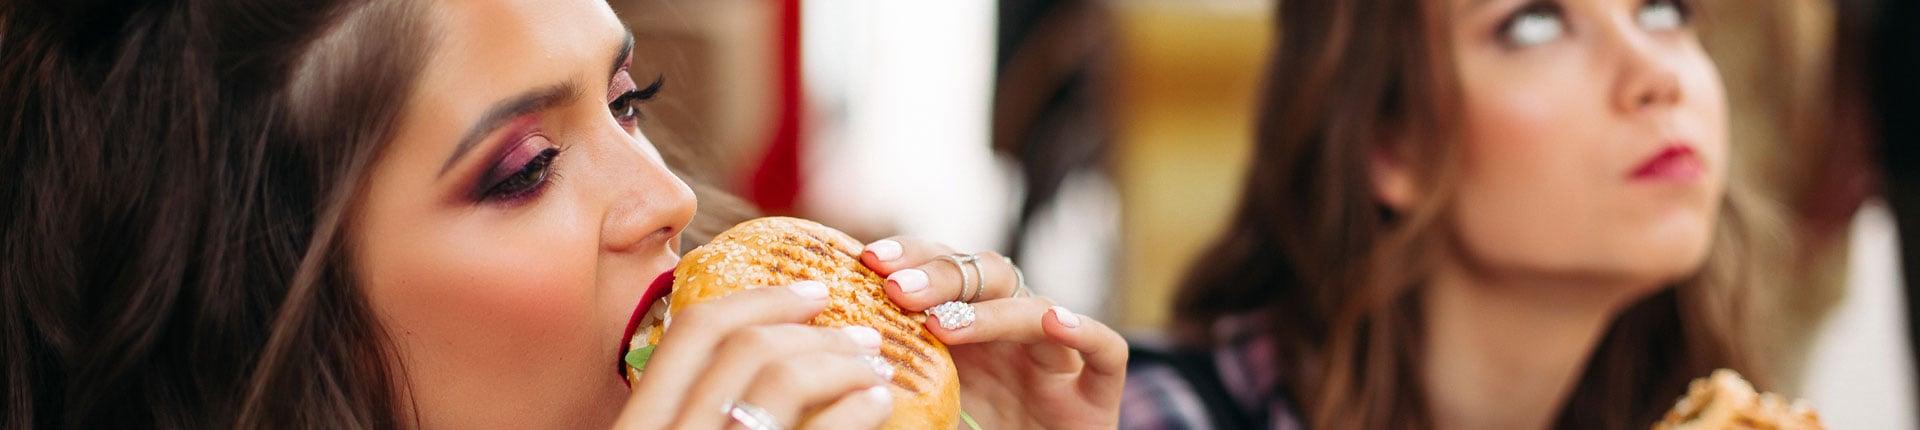 Fast food'y, doping i sód - czyli co nas zabija